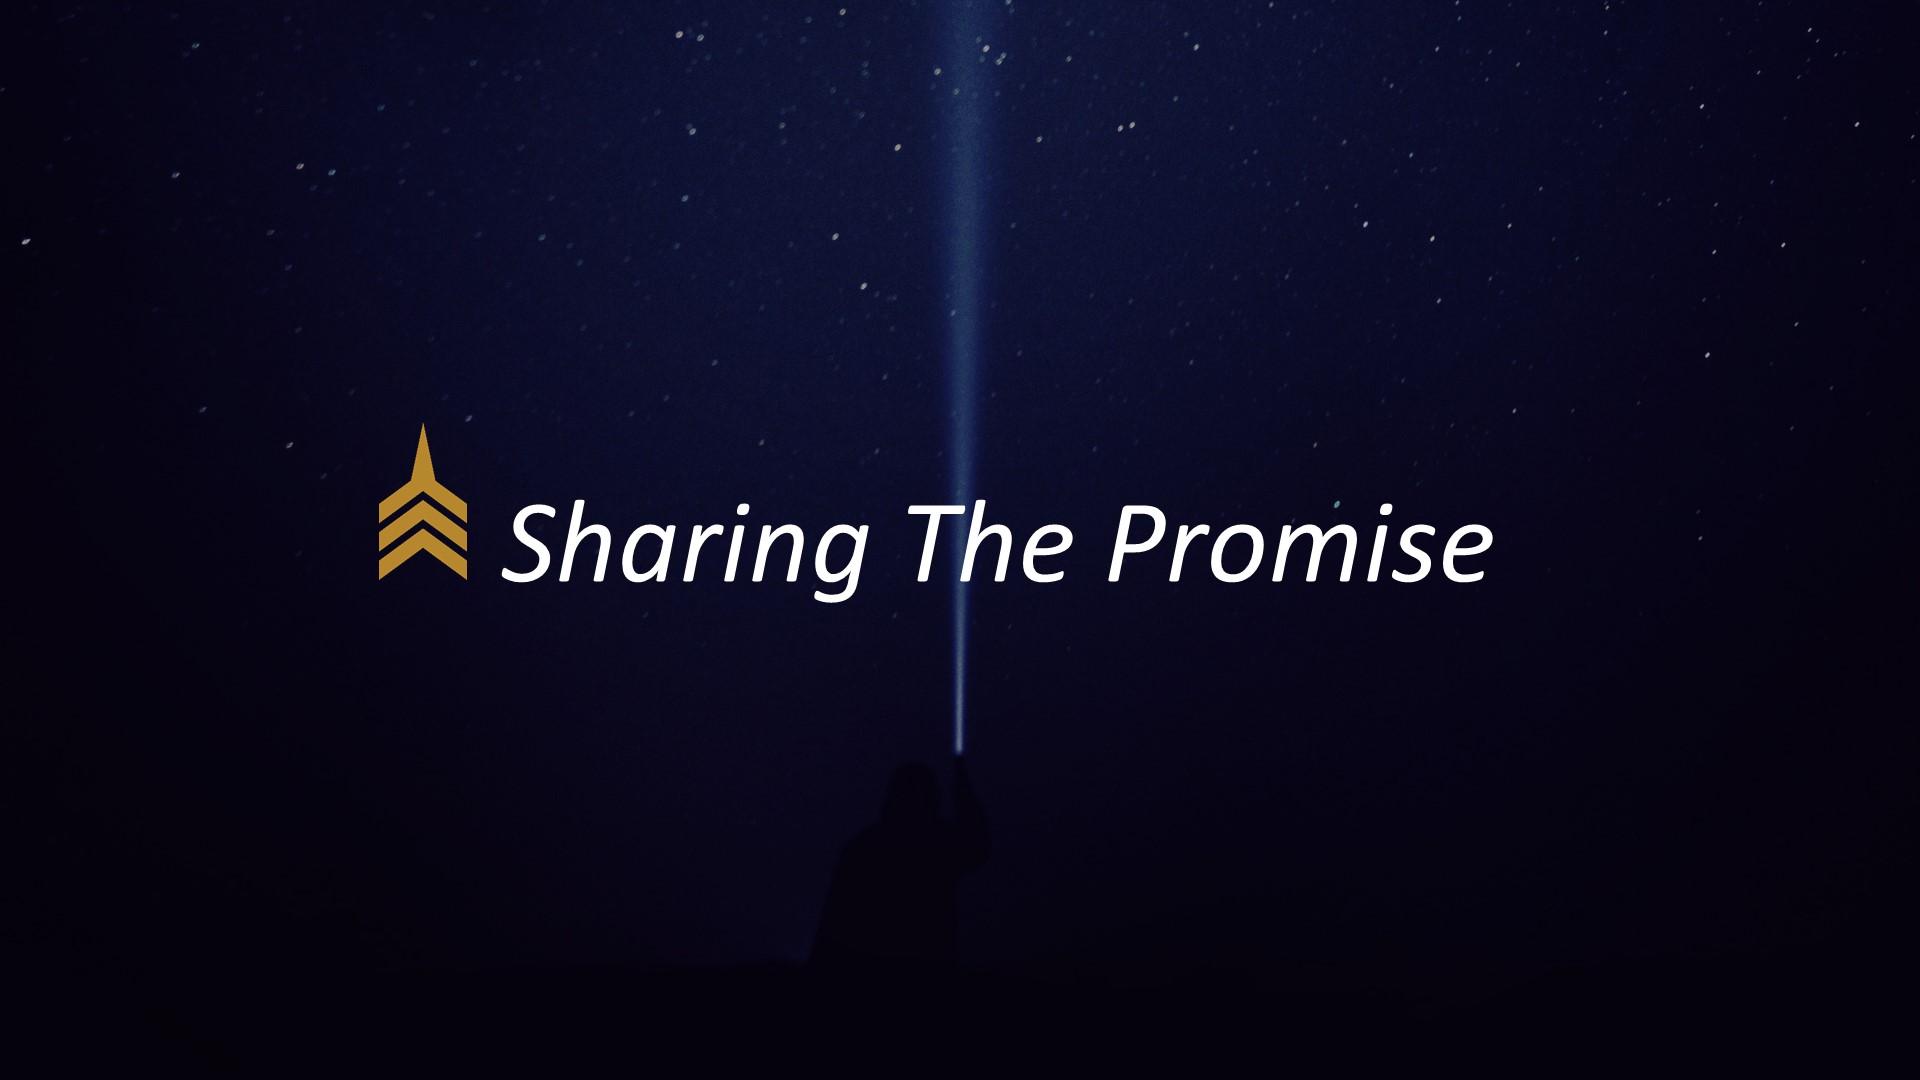 20181230 Sharing The Promise.JPG